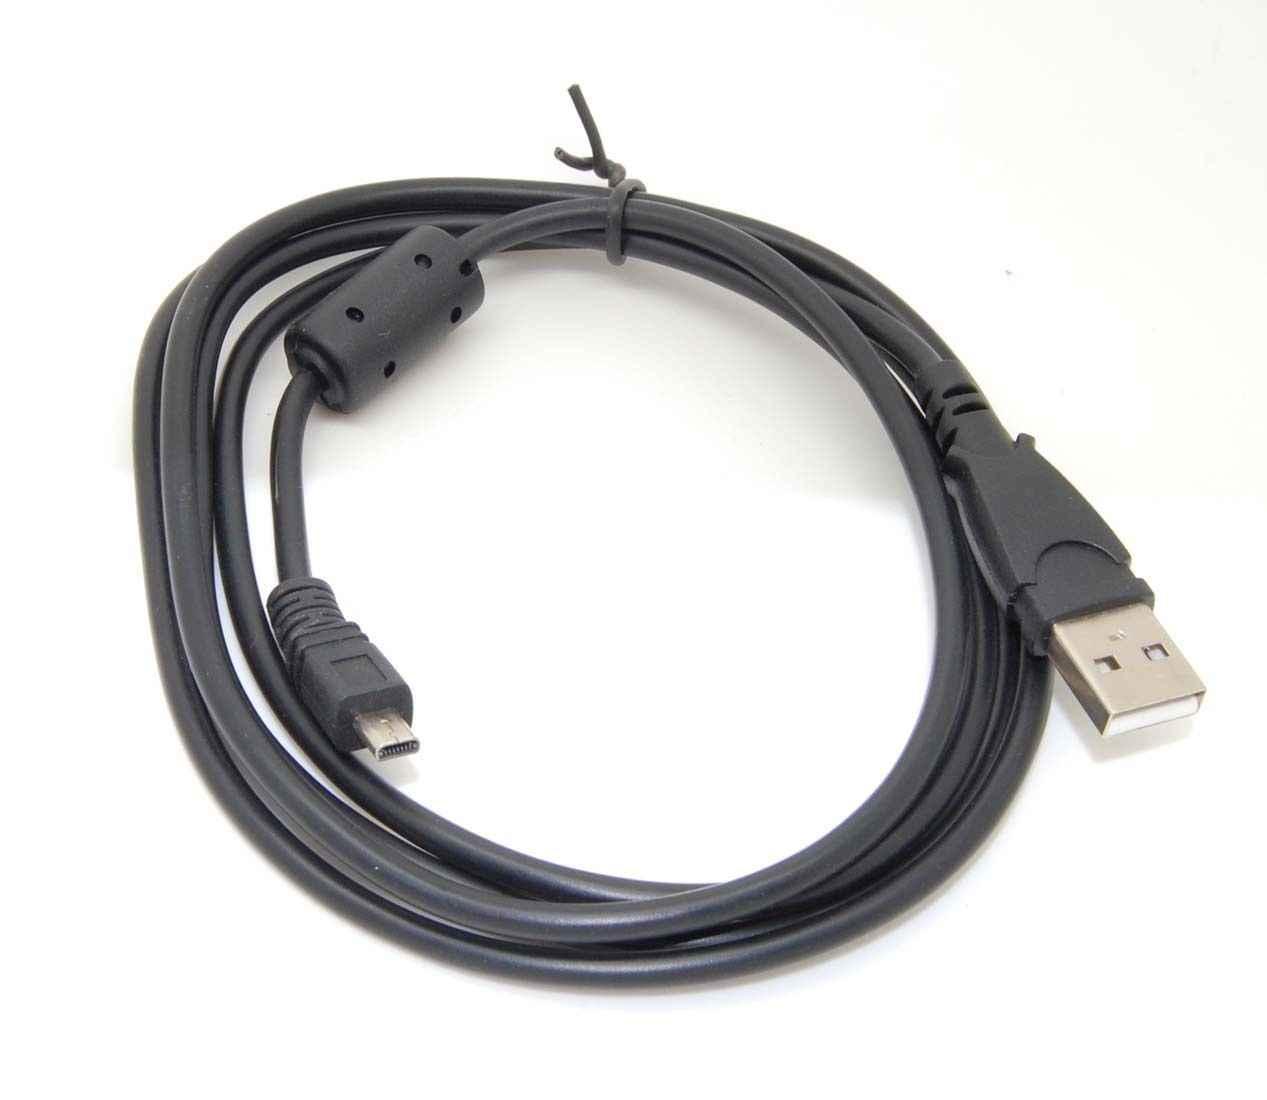 DRIVER FOR FINEPIX F20 USB DIGITAL